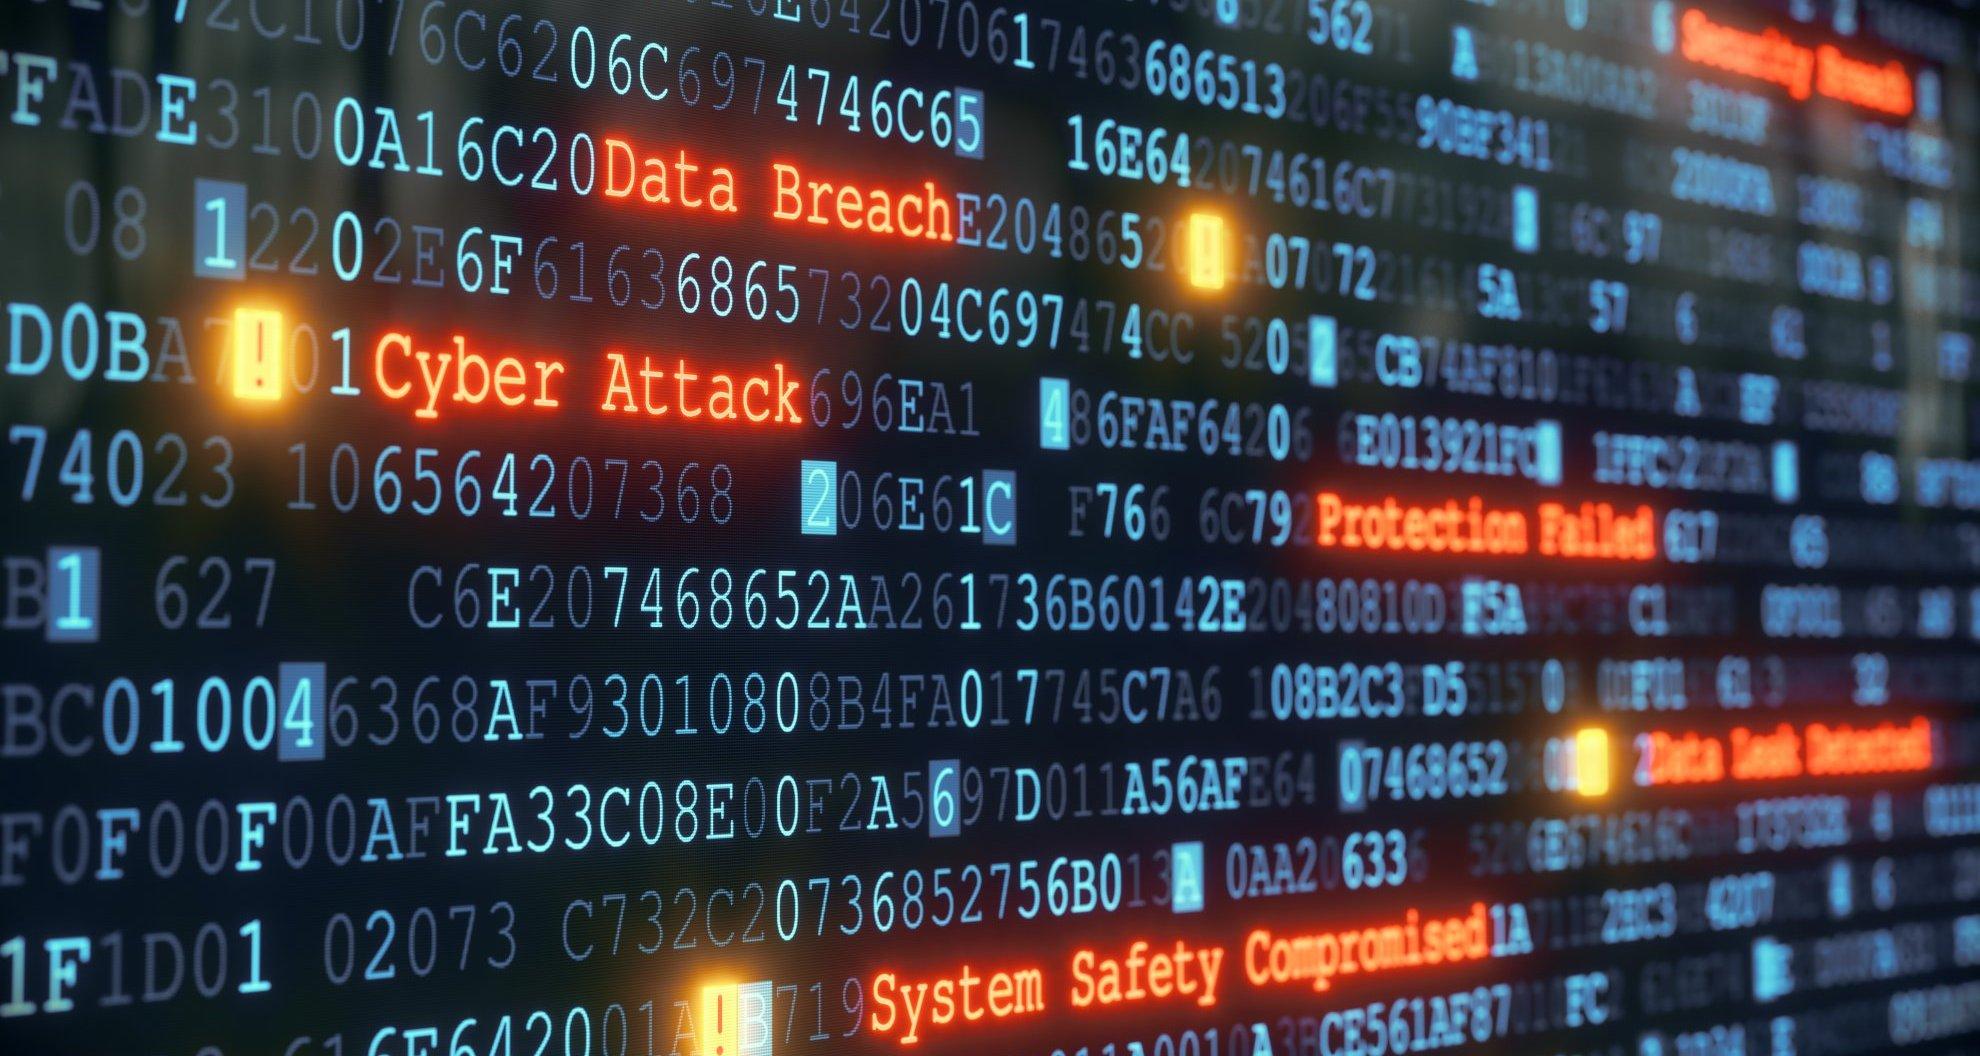 Cyber-Attack-A01-479801072_6000x4000